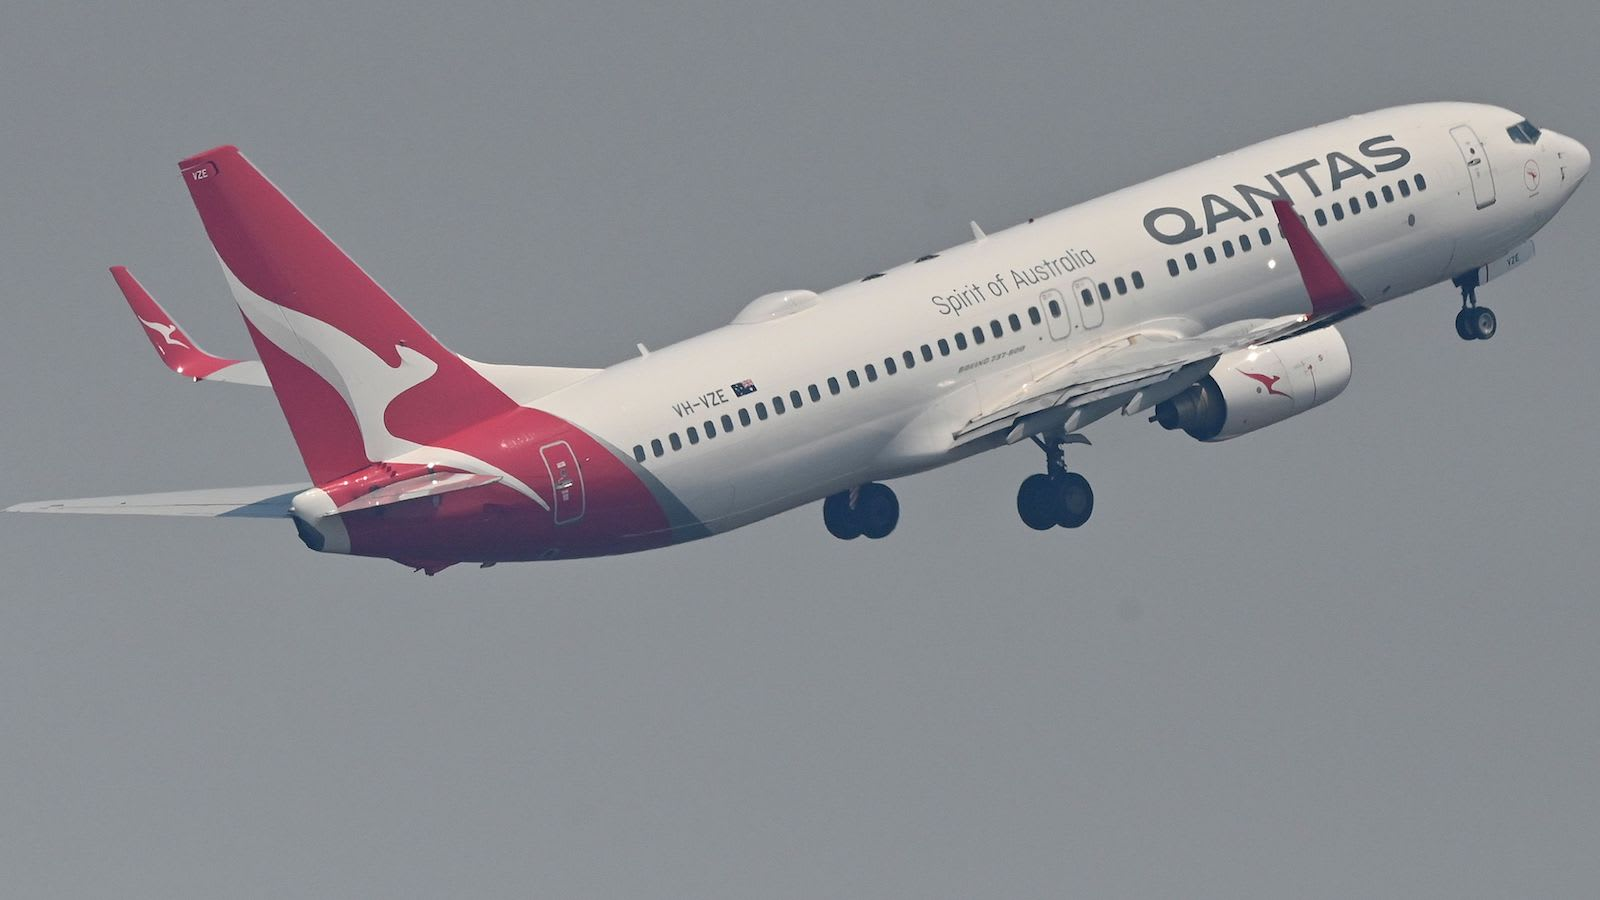 """أطلقت خطوط """"كانتاس"""" الجوية """"رحلات غامضة"""" مع تمديد أستراليا لحظر السفر الدولي بظل كورونا"""